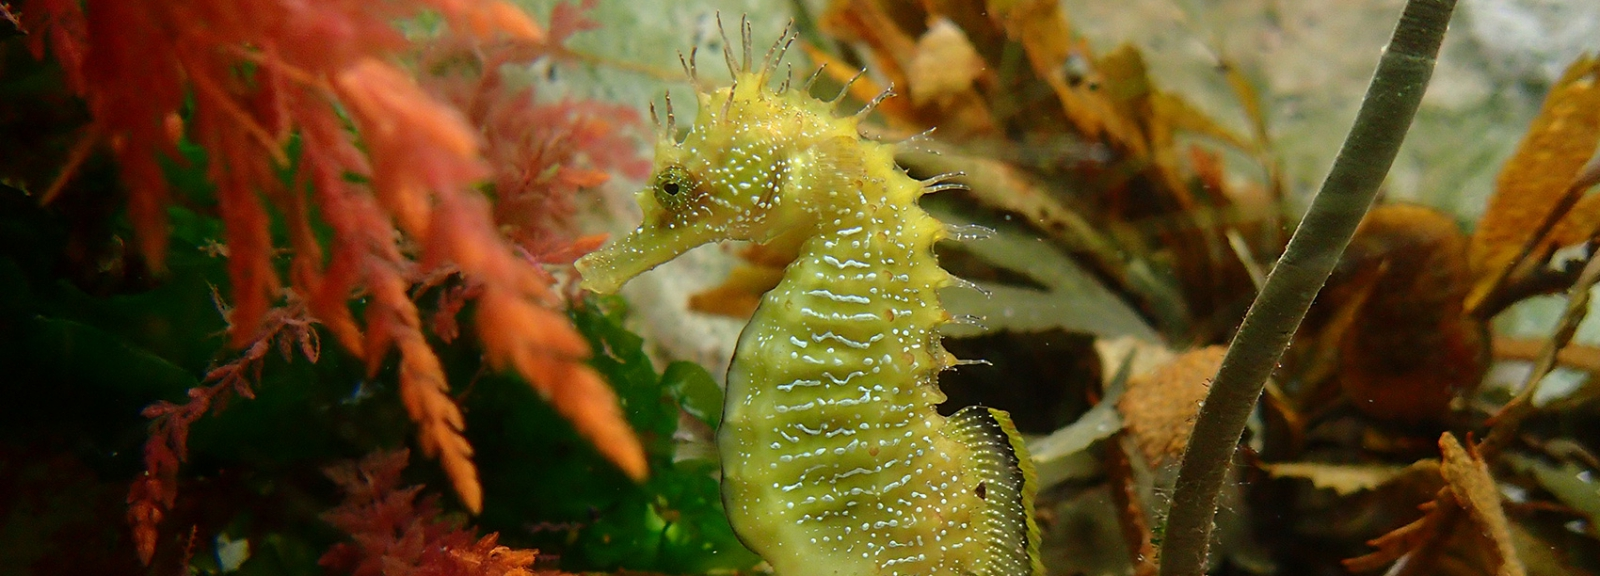 Hippocampe moucheté (Hippocampus guttulatus) © MNHN - Lionel Feuillassier